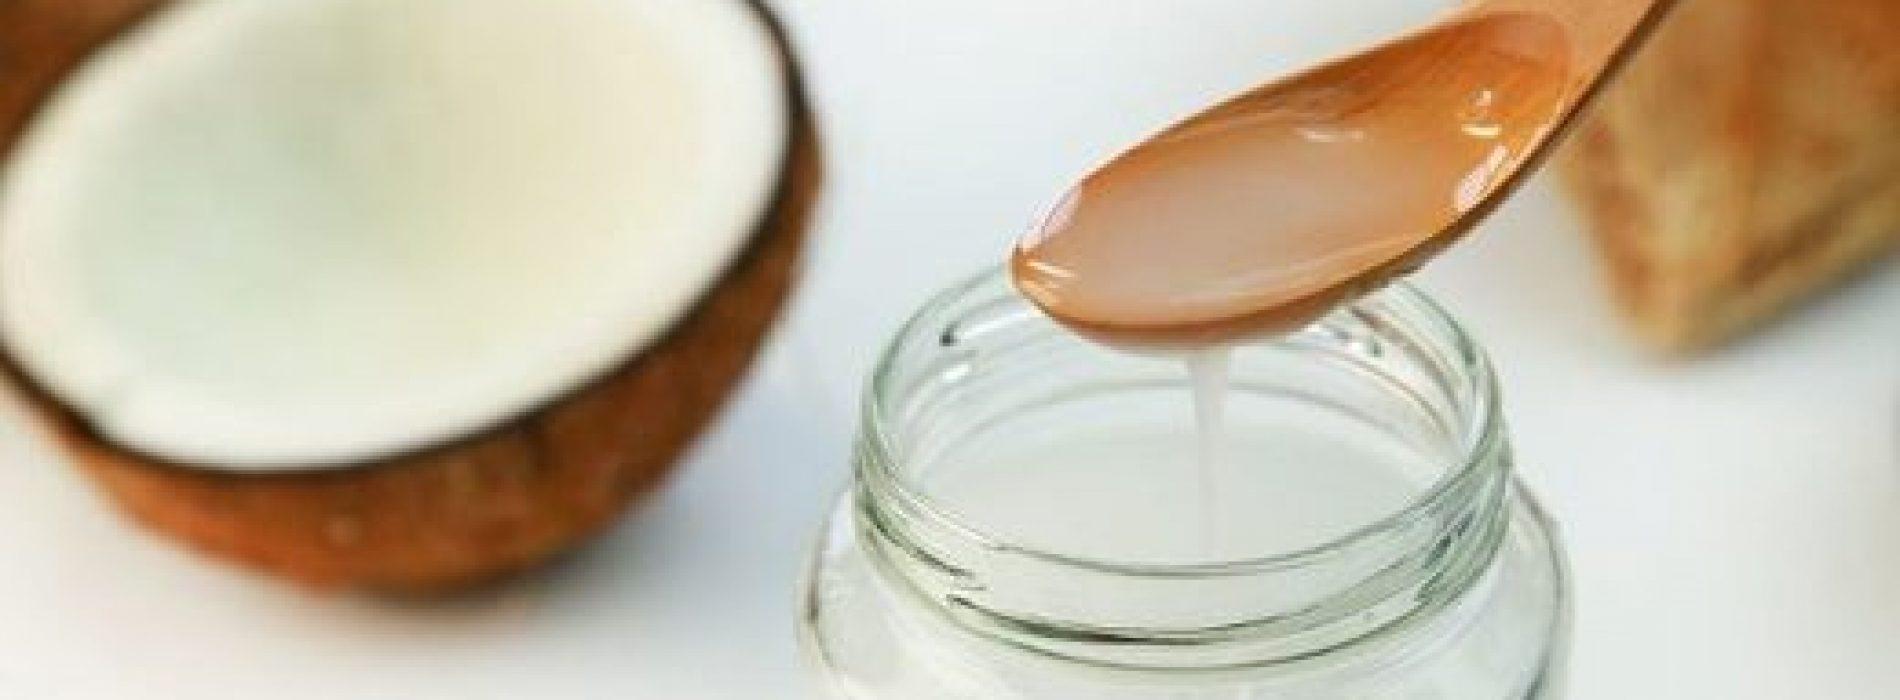 Kokosolie verbetert de hersenfunctie bij patiënten met Alzheimer